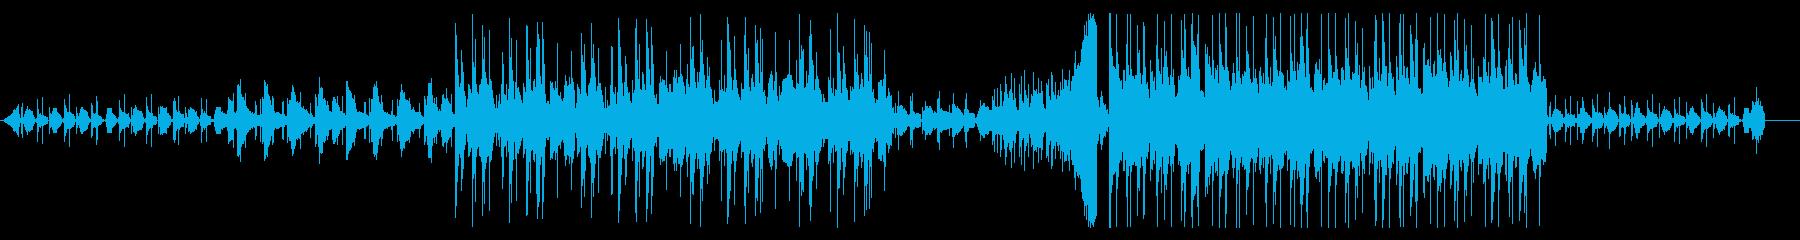 Spacy & Lo-Fiの再生済みの波形